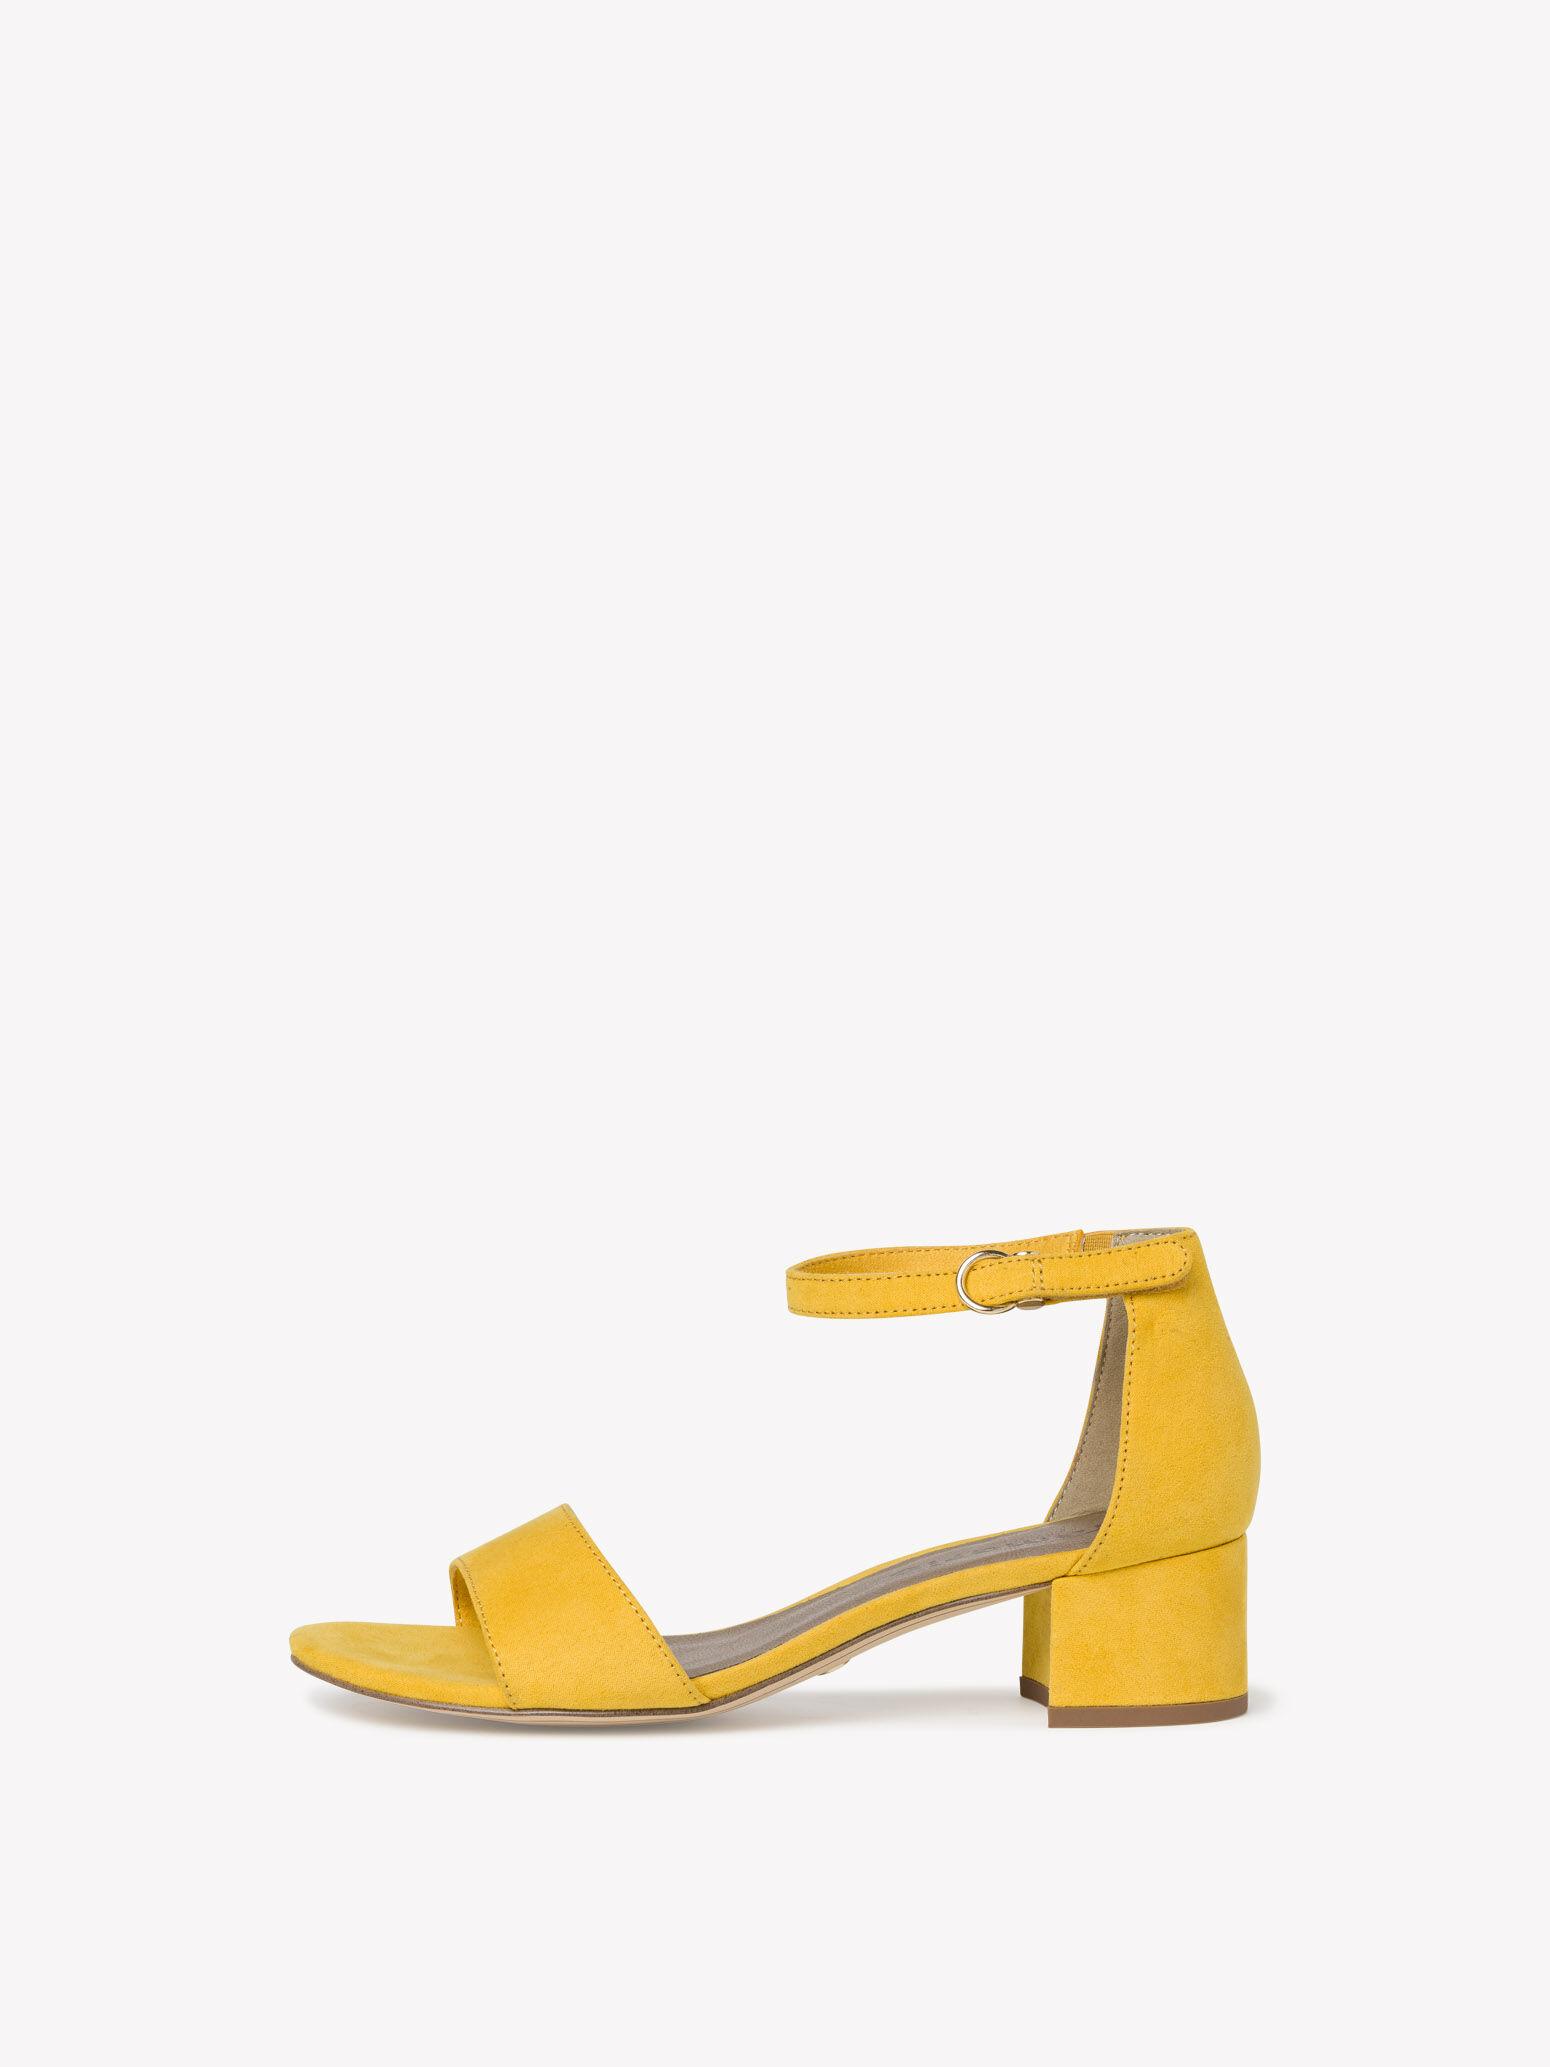 Sandalen in gelb für Damen online kaufen Tamaris Damenschuhe